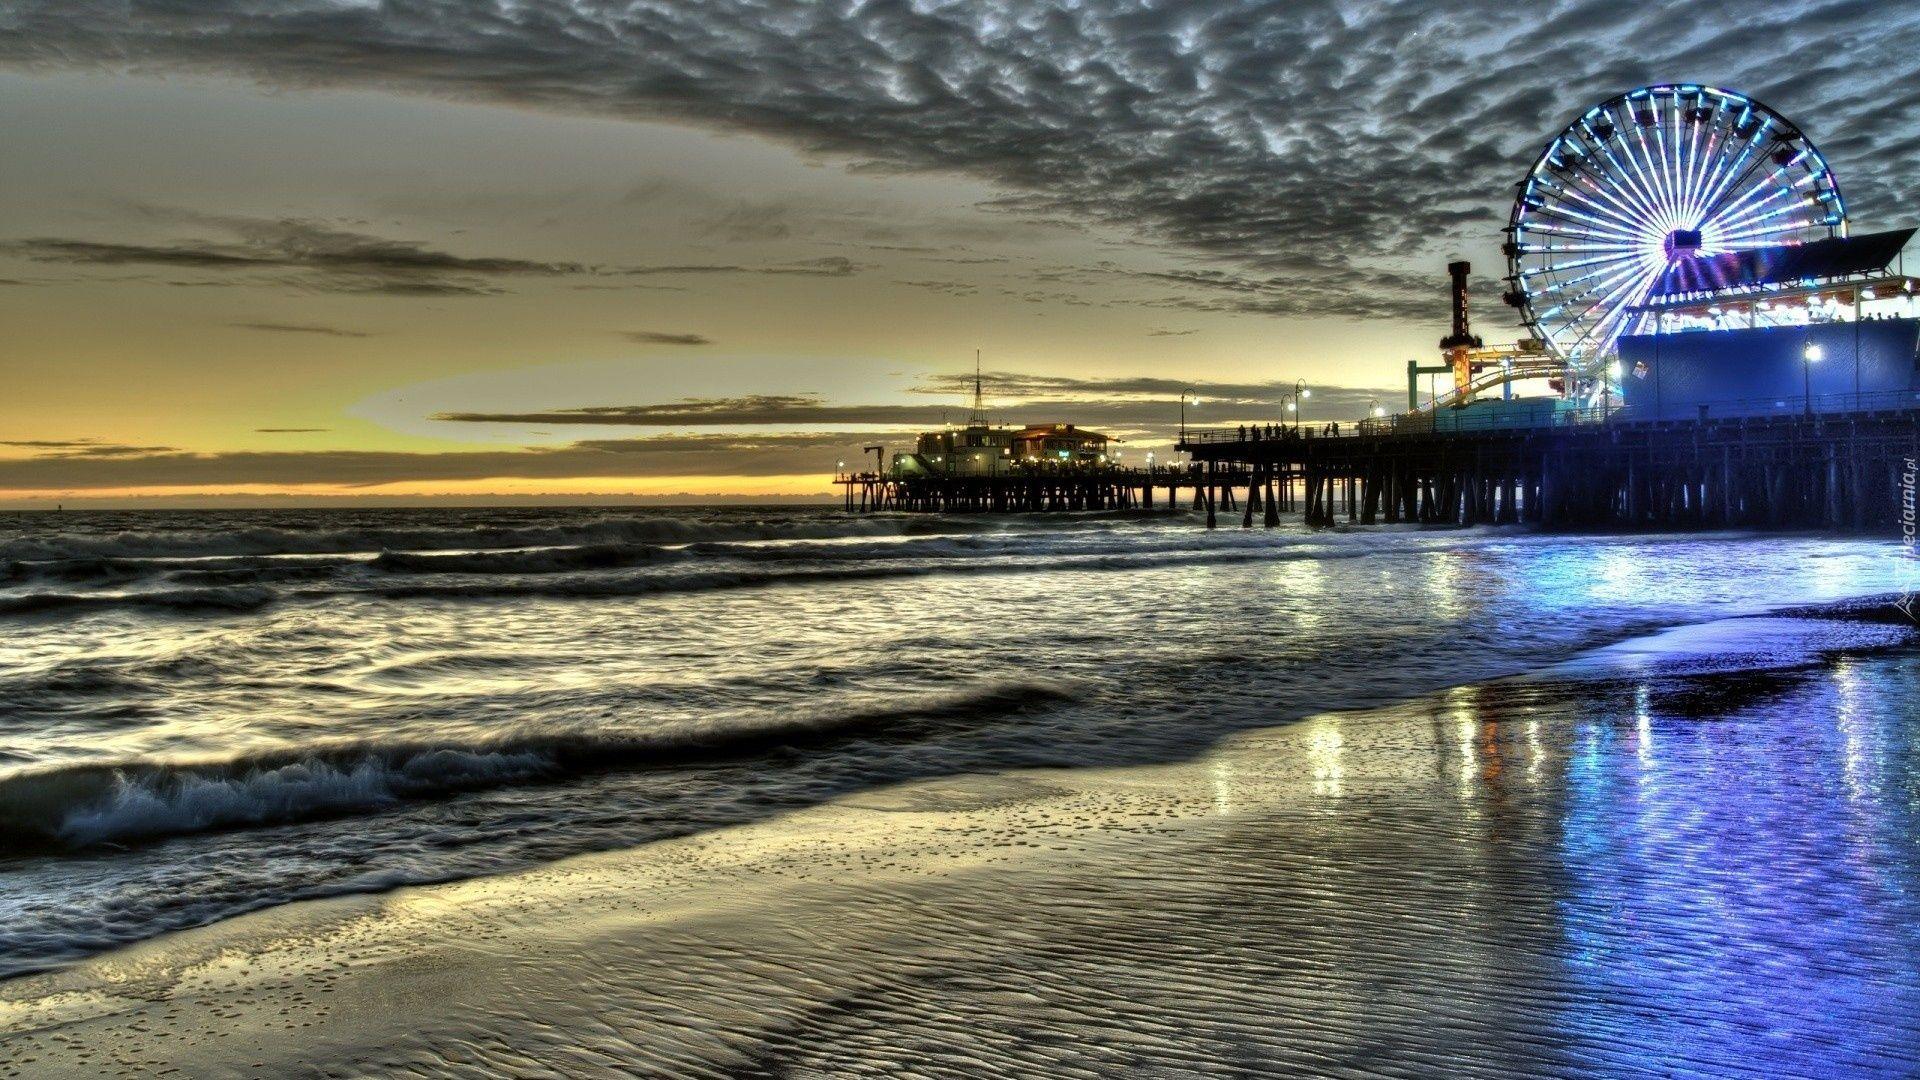 Santa Monica hd wallpaper 1080p for pc